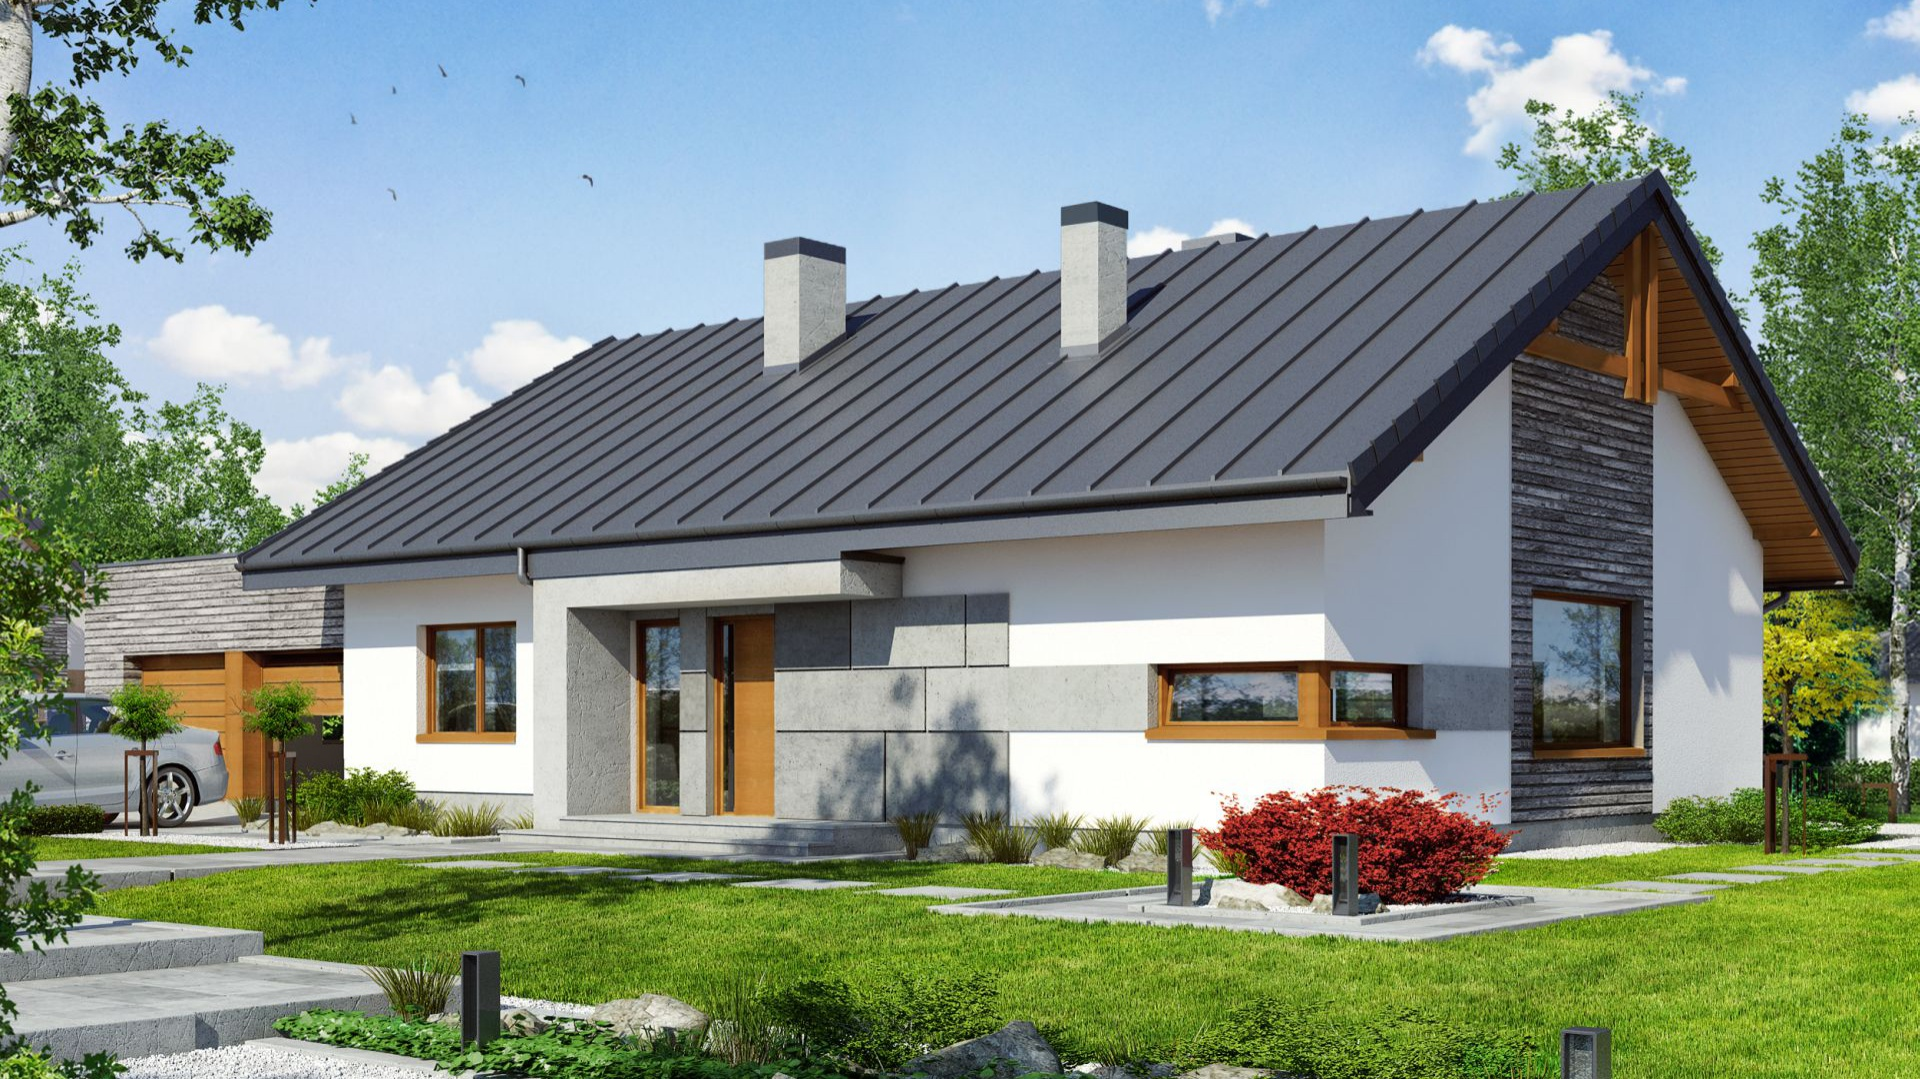 """Dom pod jarząbem 8 G2N - to przykład projektu domu parterowego z  dwustanowiskowym garażem i dwuspadowym dachem, o zwartej bryle, na planie prostokąta, w """"stylu stodoły"""". Projekt: Archon+."""